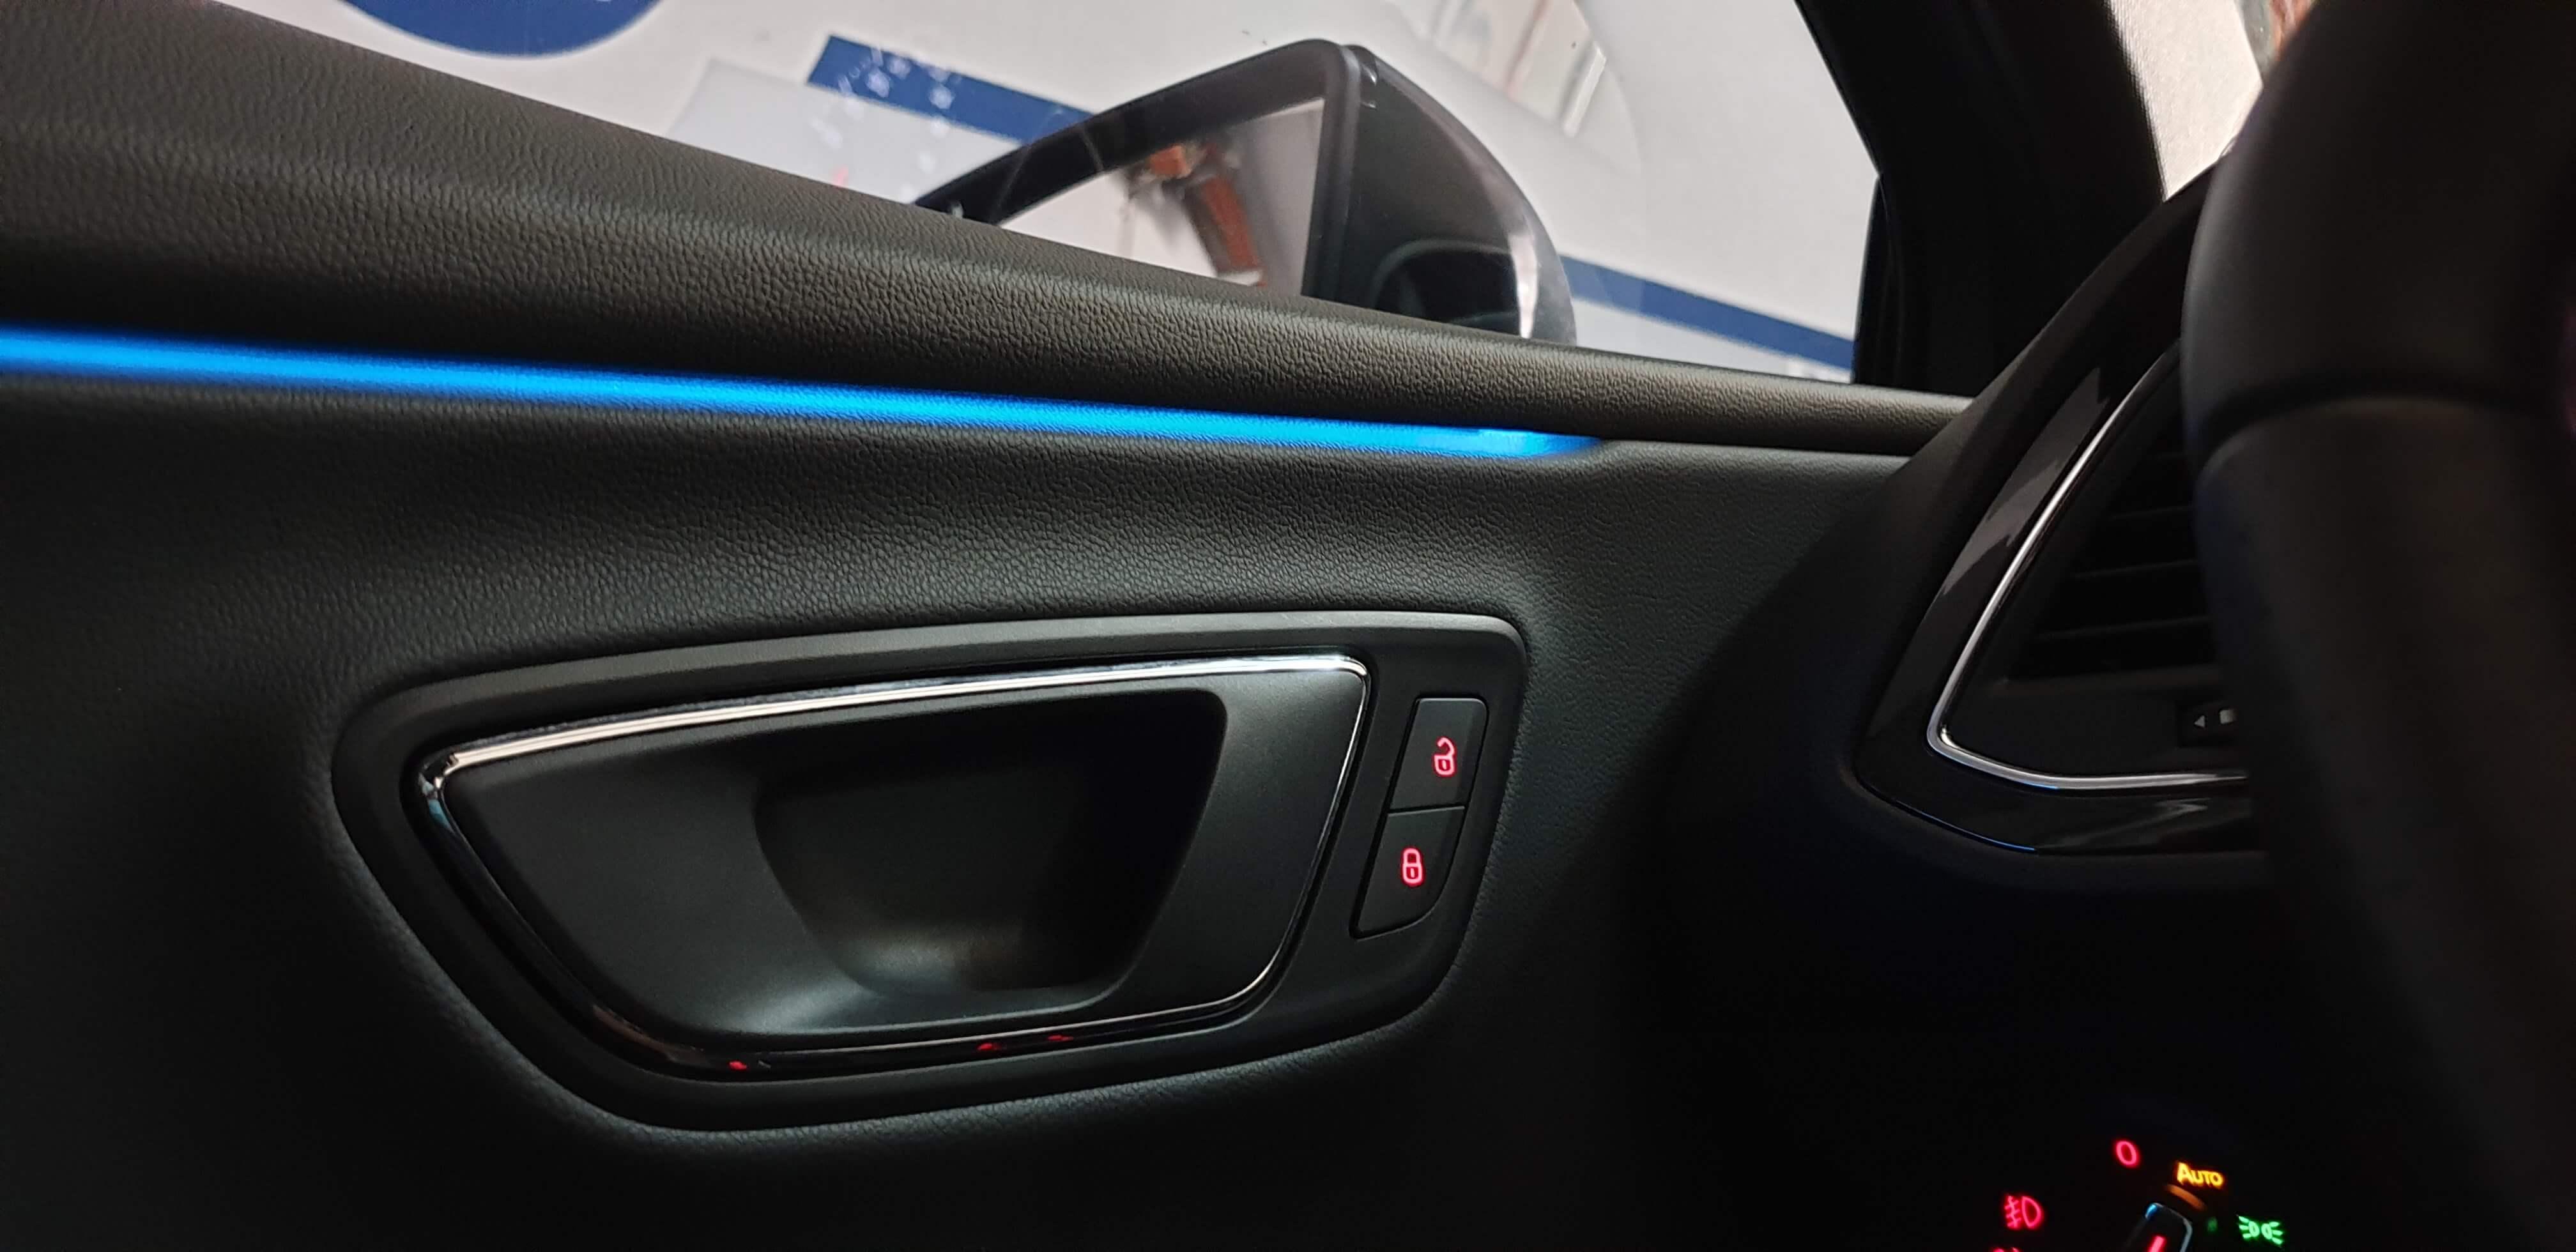 סגירת חלונות בלחיצה קצרה